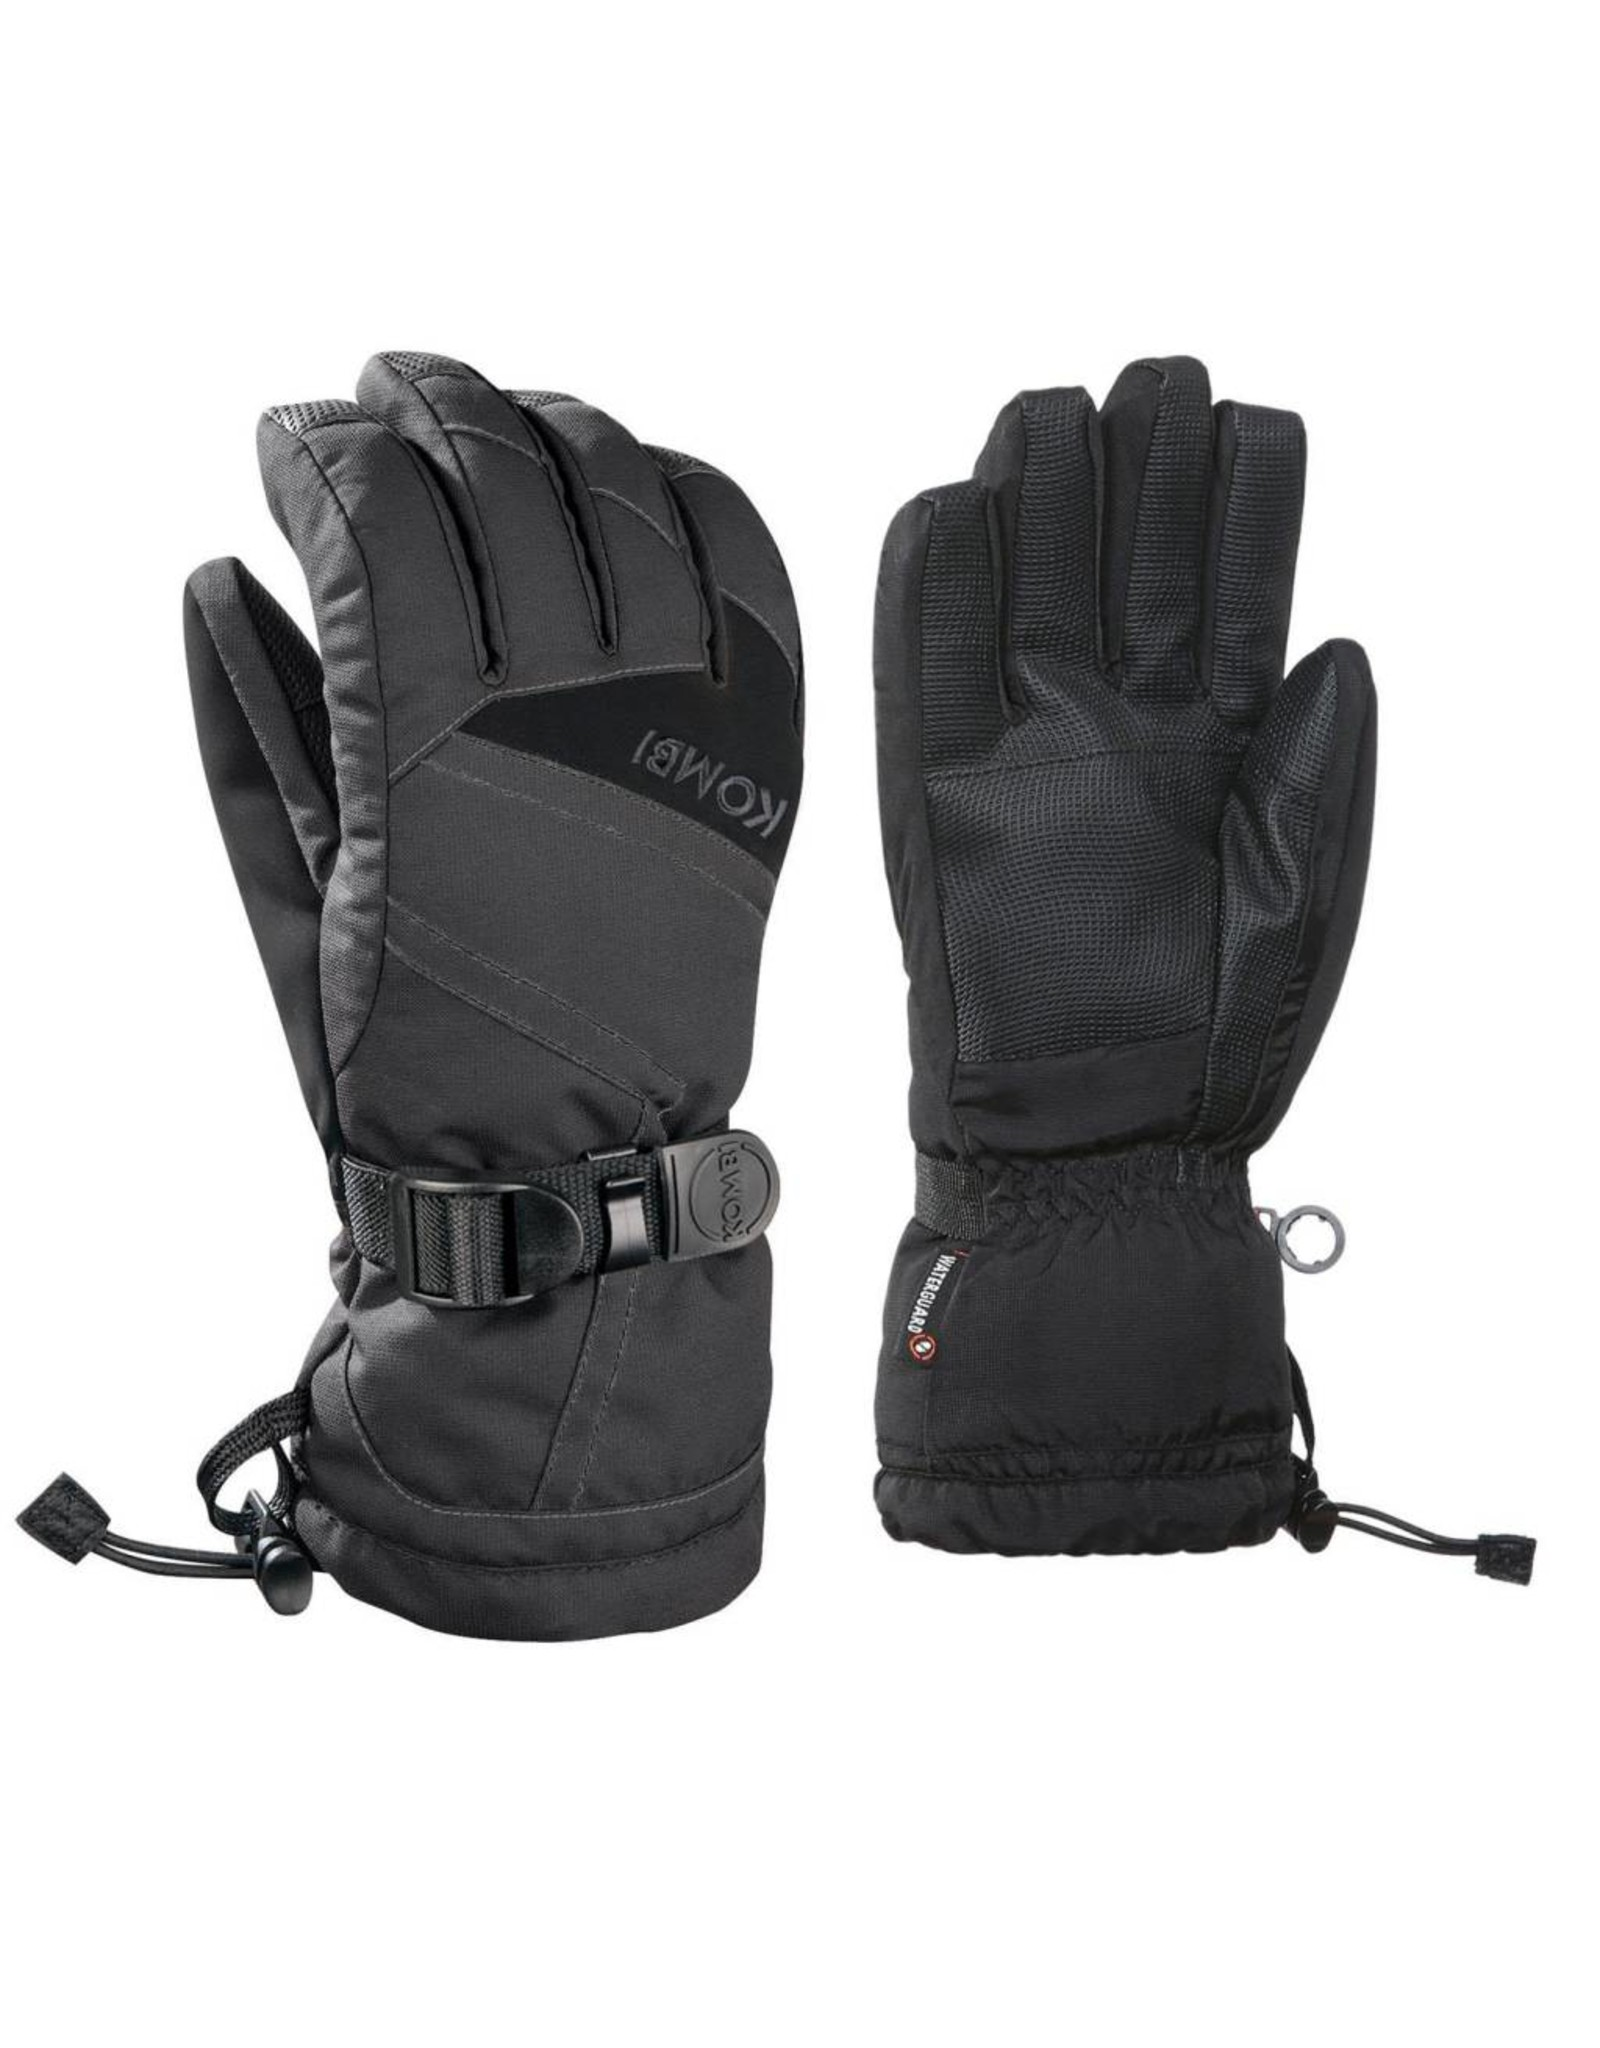 Kombi KOMBI W The Original Glove F18